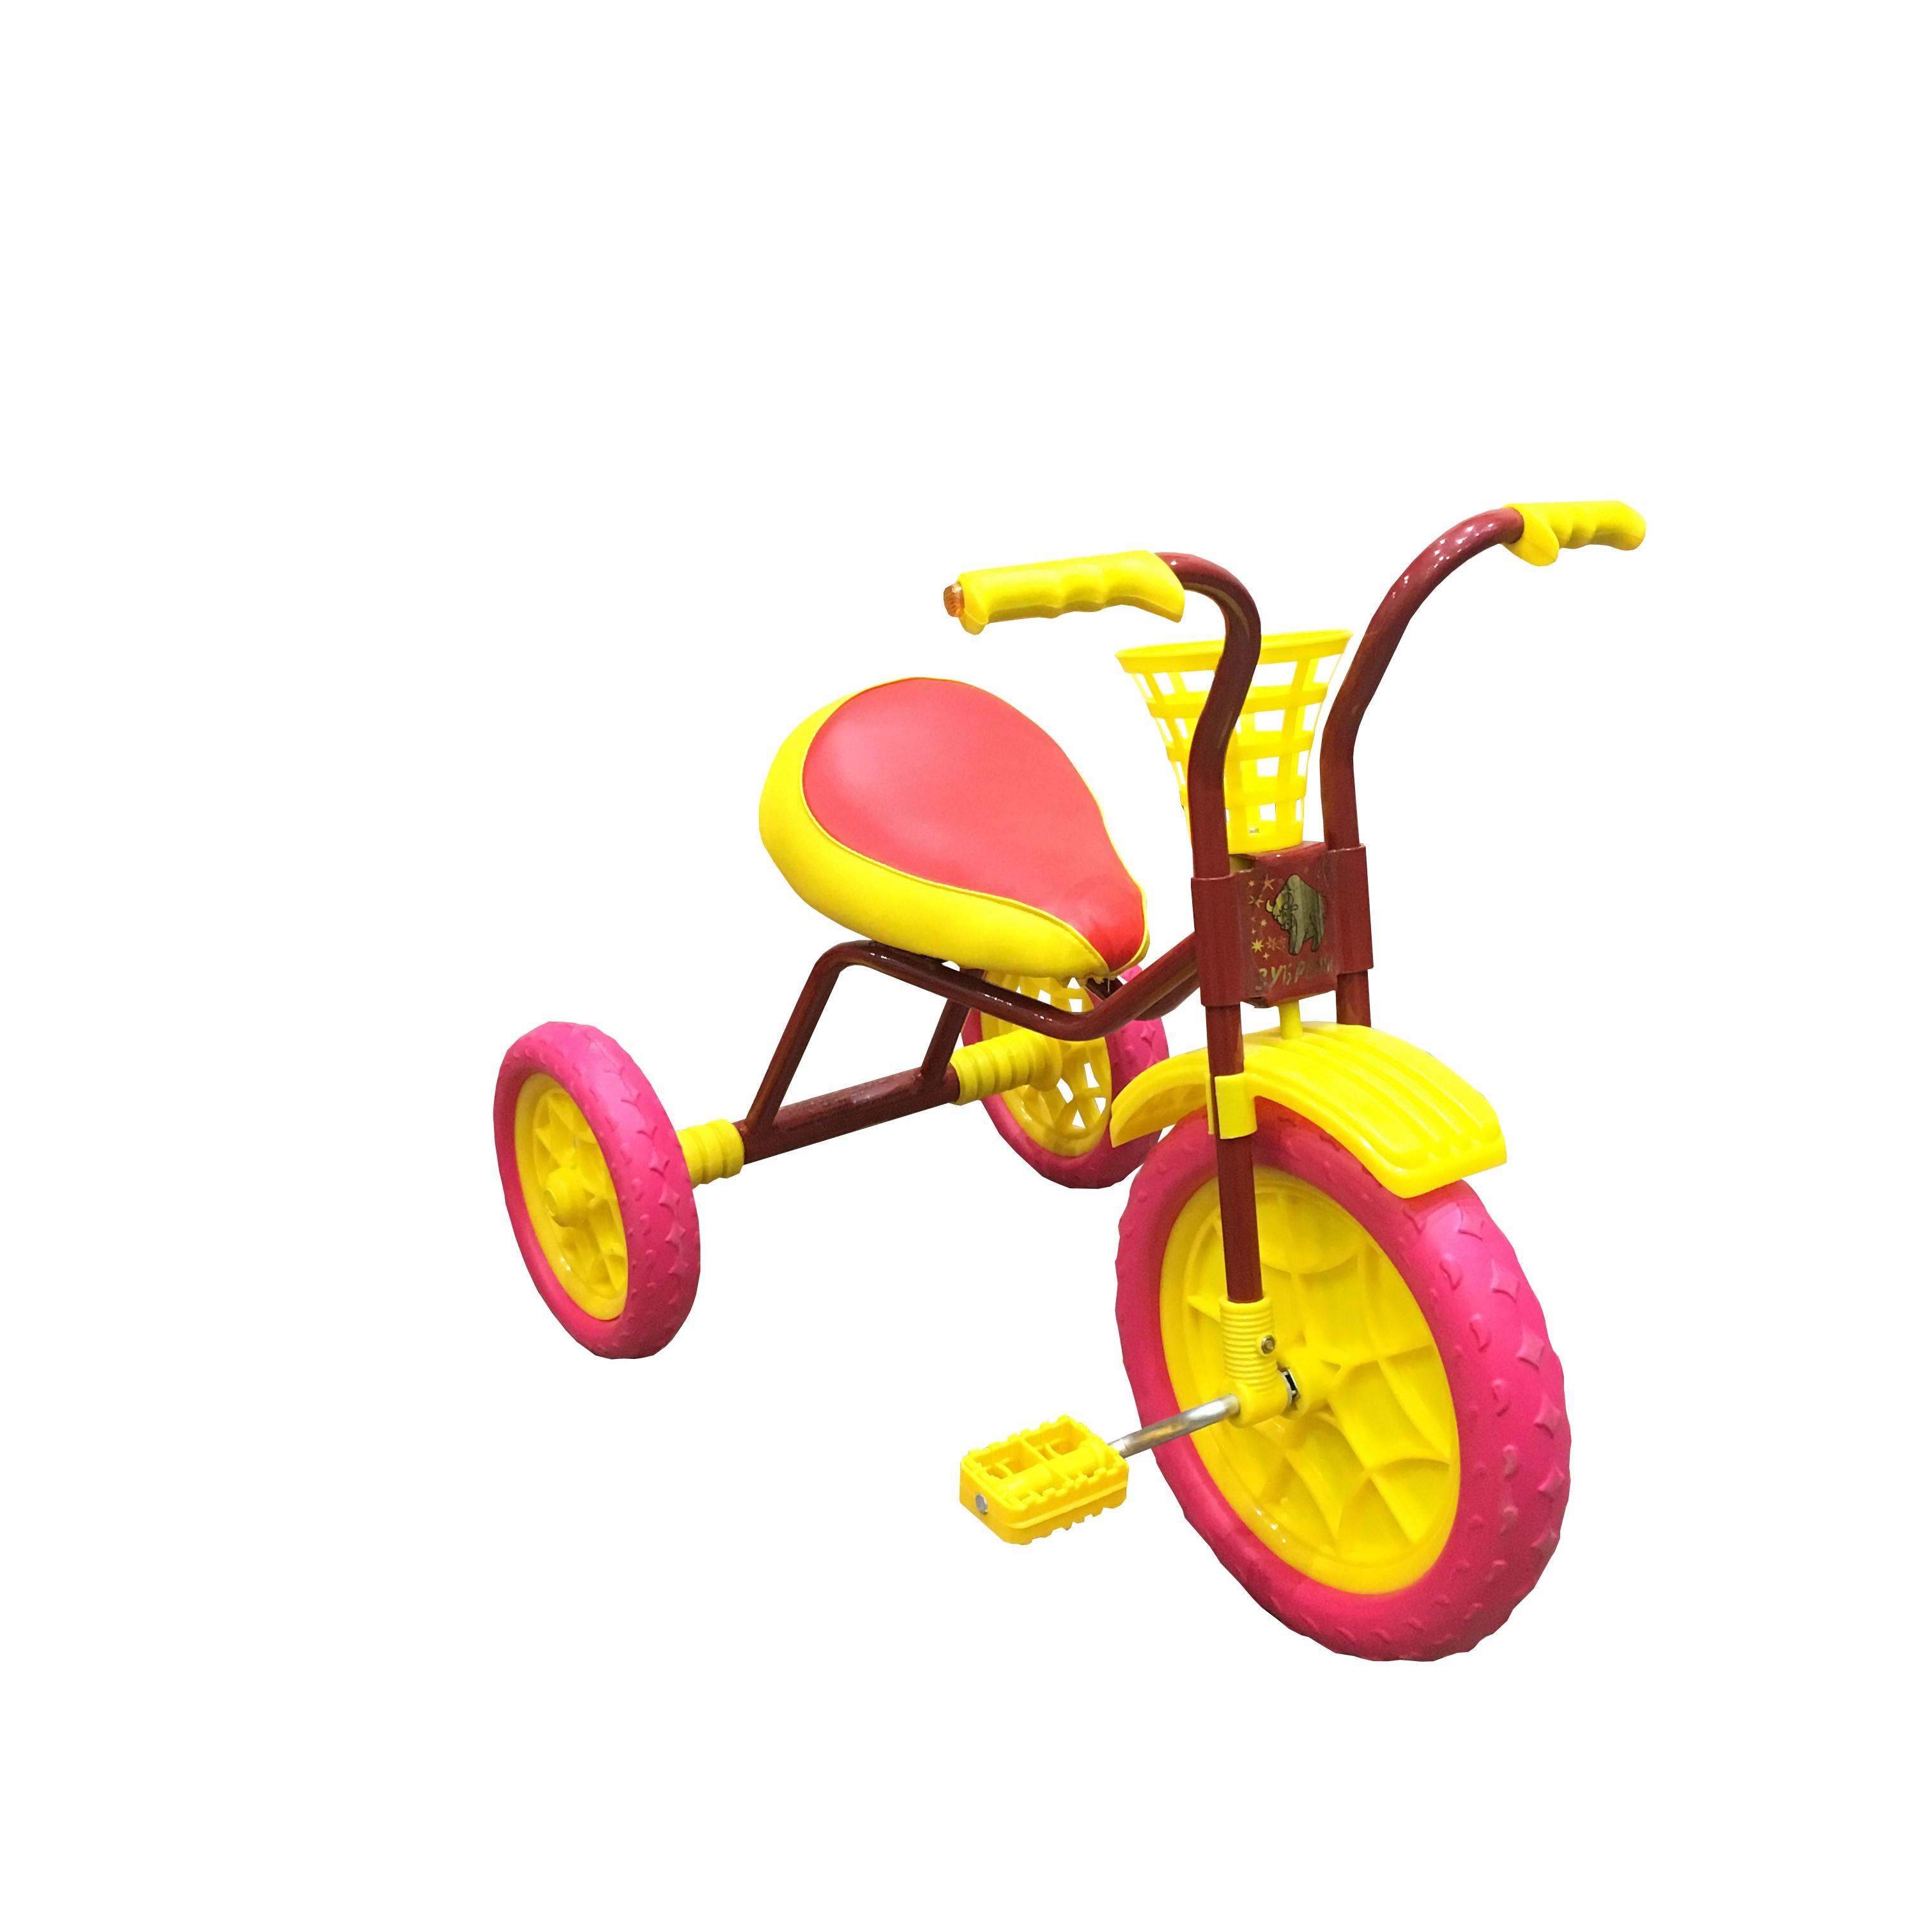 Купить Трехколесный велосипед Woodlines Зубренок Бордовый, Детские трехколесные велосипеды